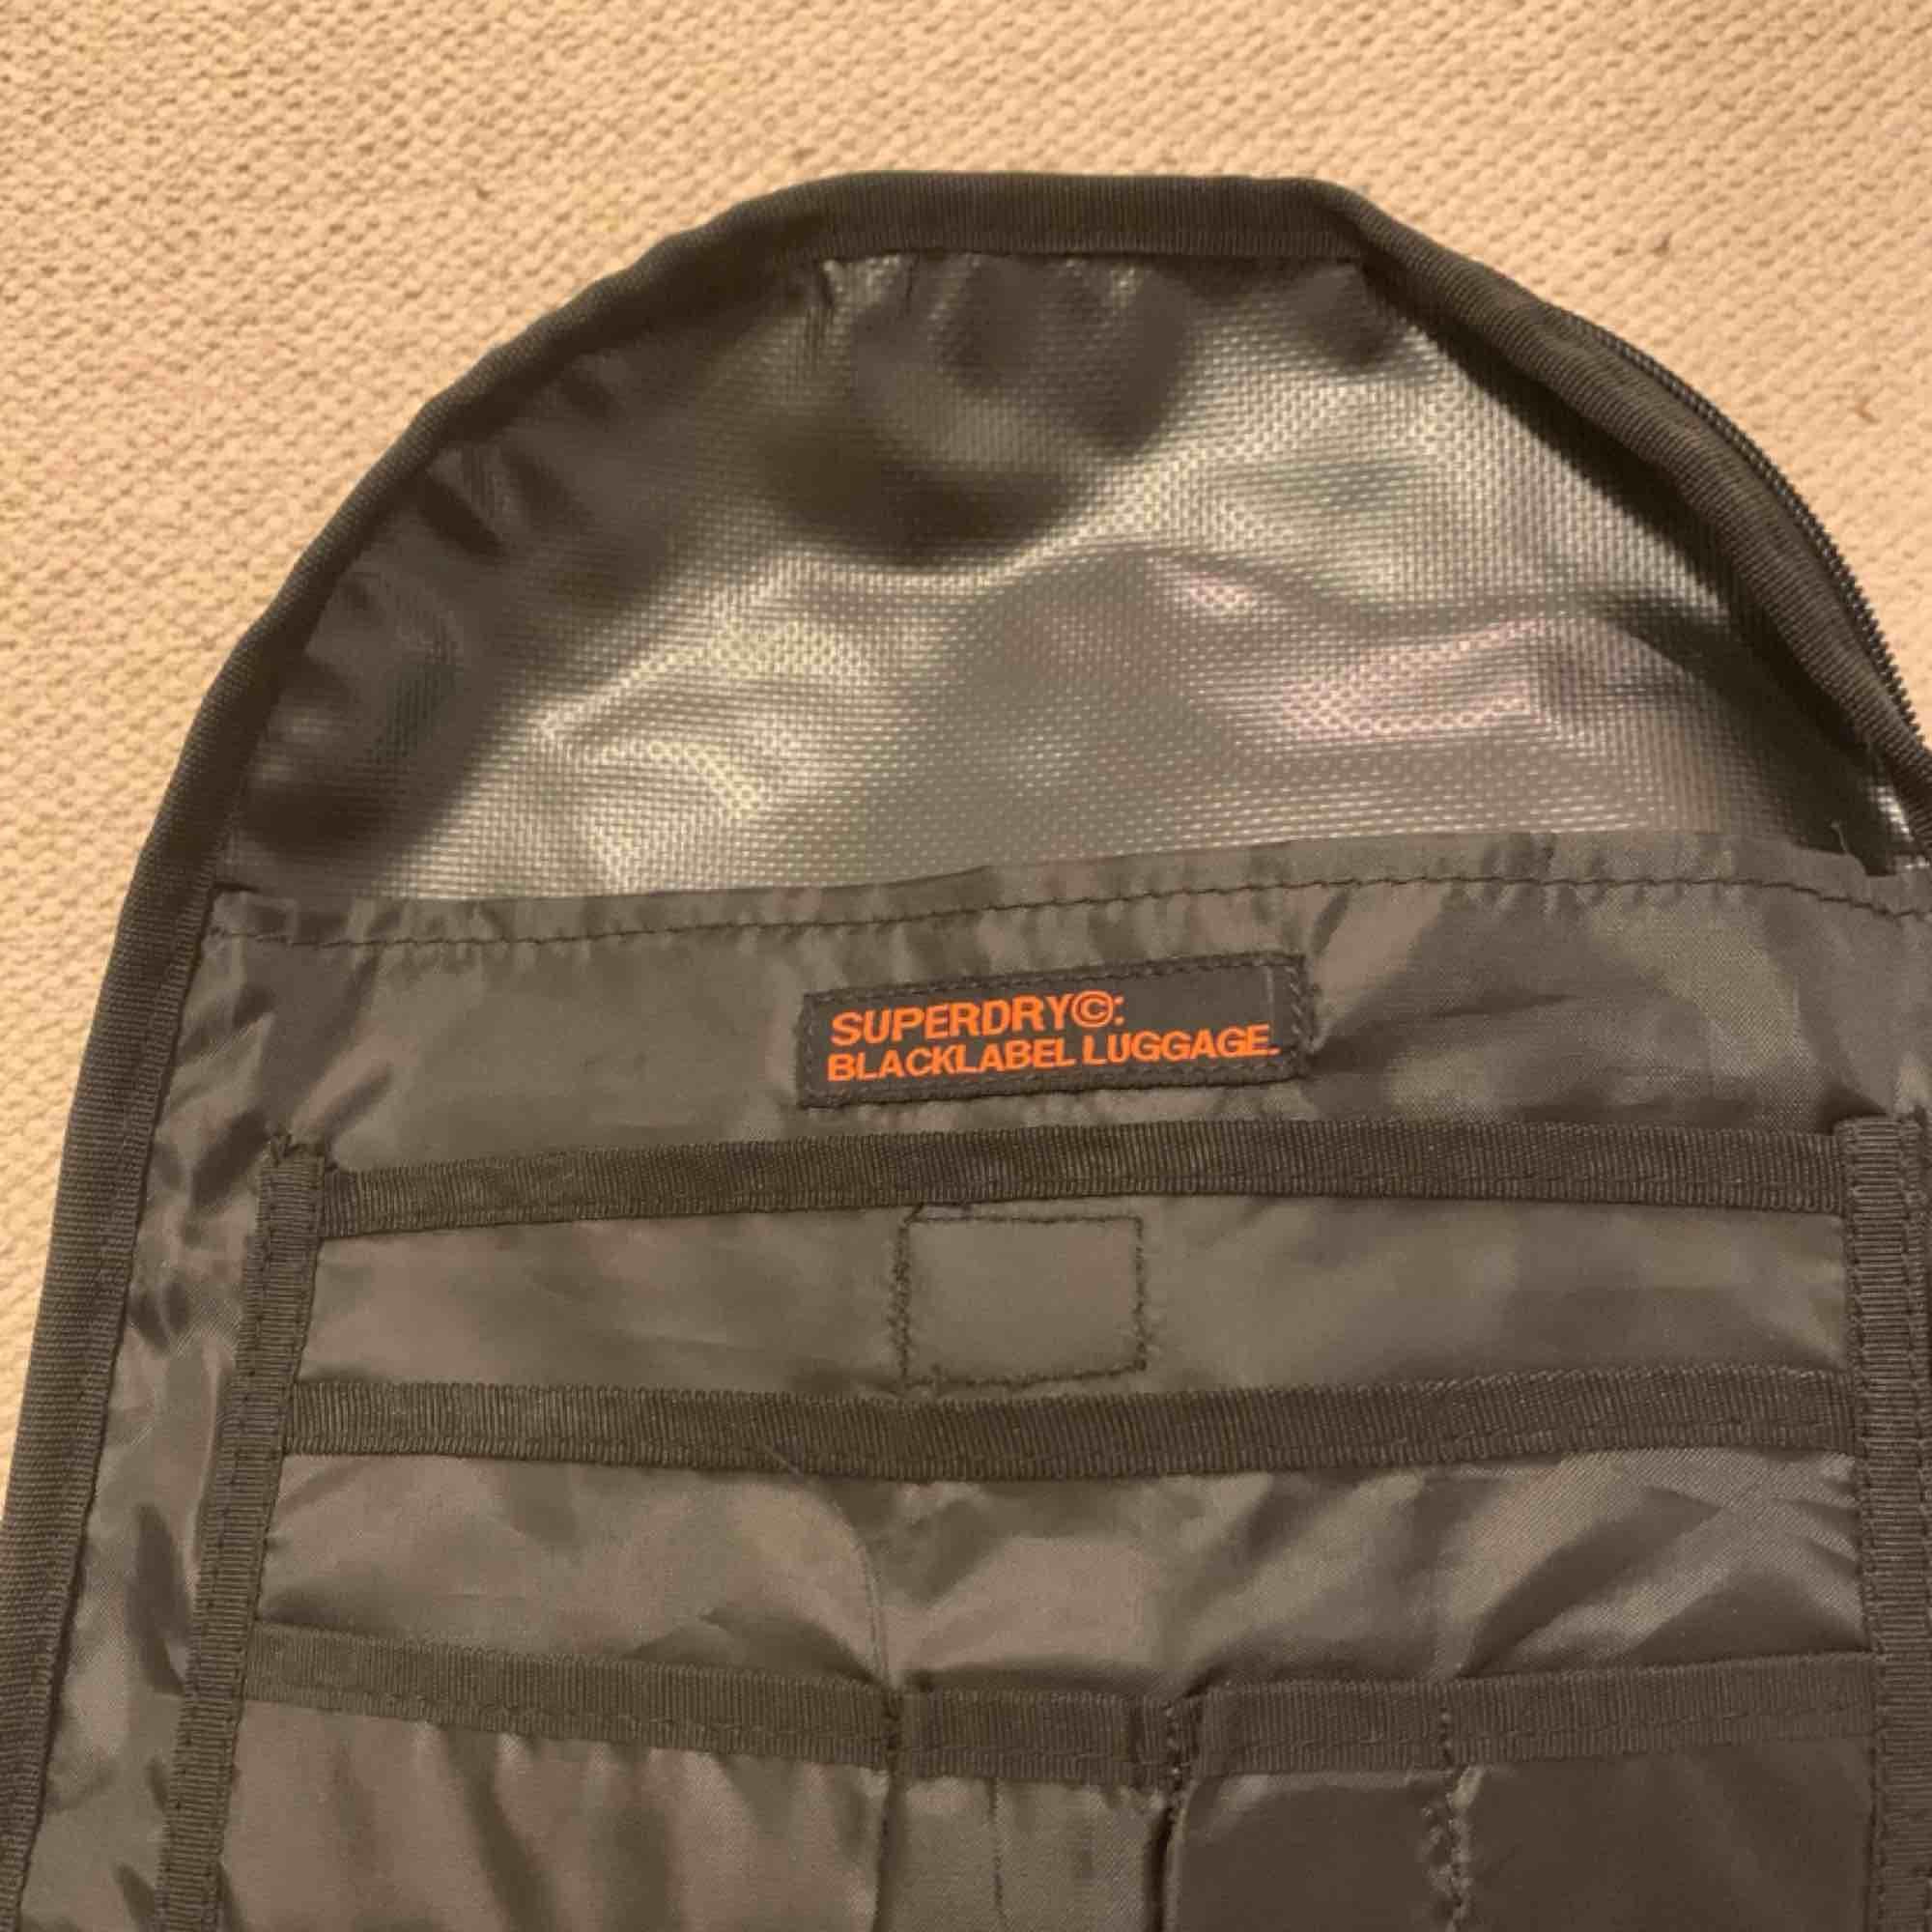 Super dry ryggsäck  Aldrig använd  Stor 45x35 ca  300 ink. Accessoarer.